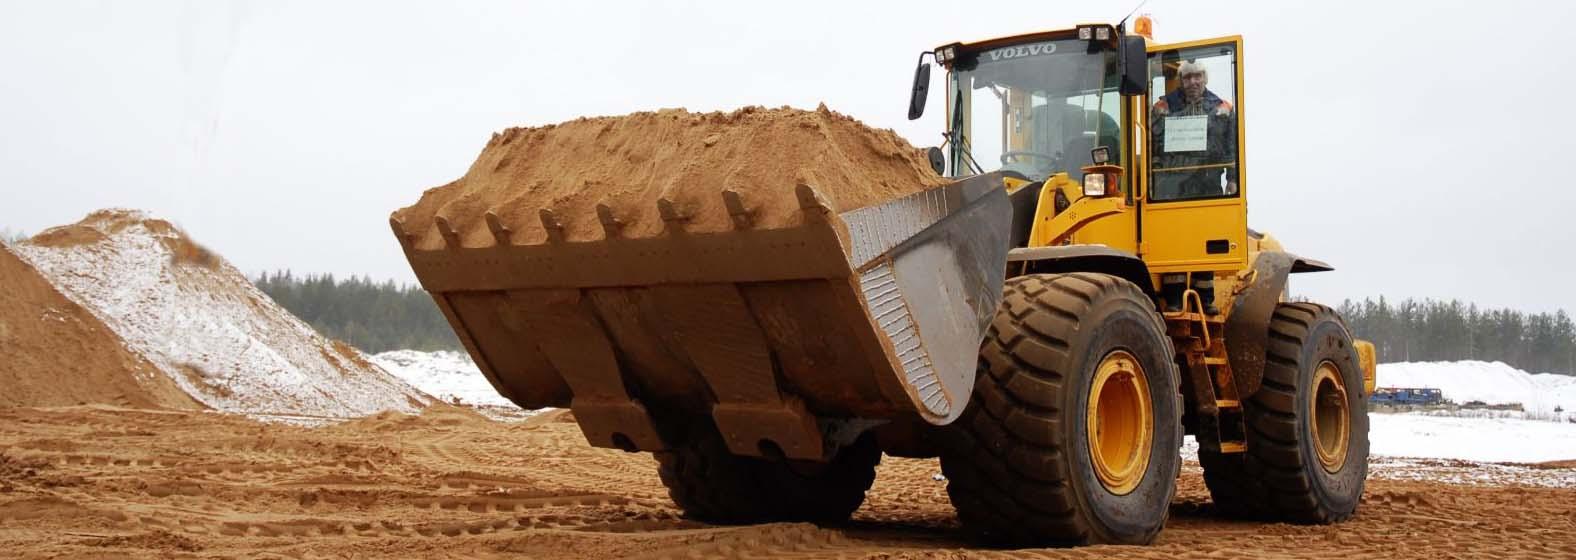 Картинки по запросу песок строительный